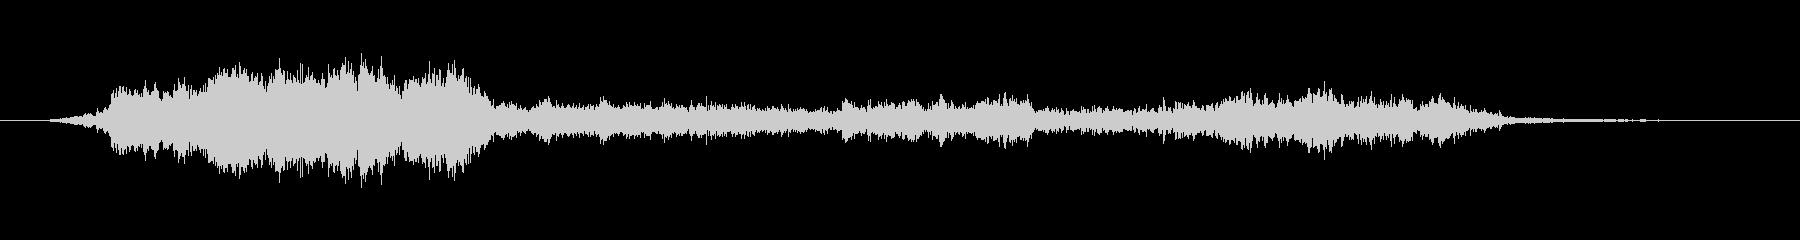 摩擦金属、高音-アグレッシブの未再生の波形